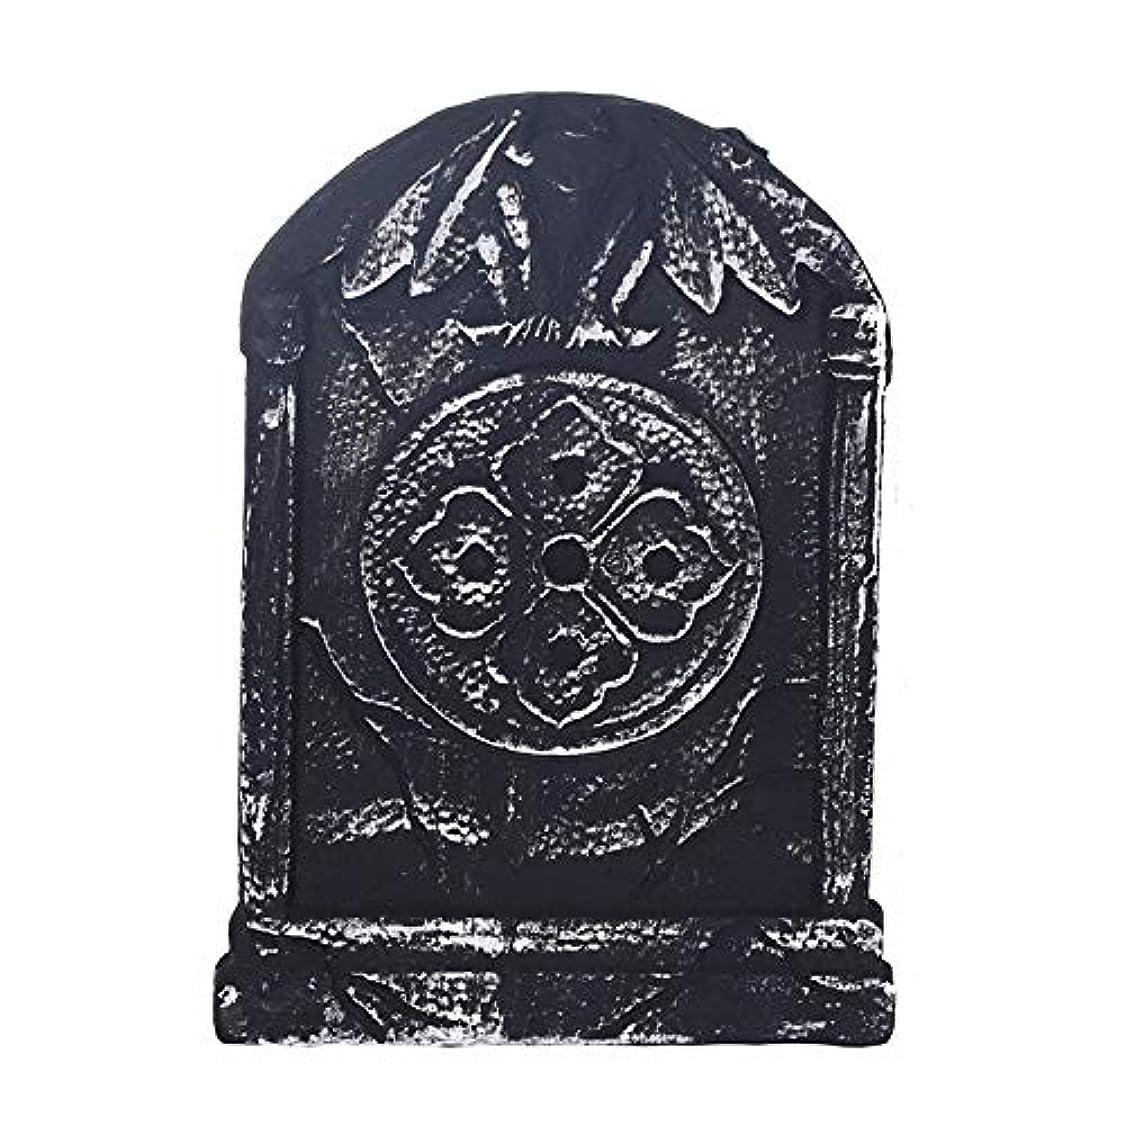 剥ぎ取る控える進化するETRRUU HOME ハロウィーンの小道具3次元墓石写真写真用品バーお化け屋敷秘密の部屋ホラースカル装飾品